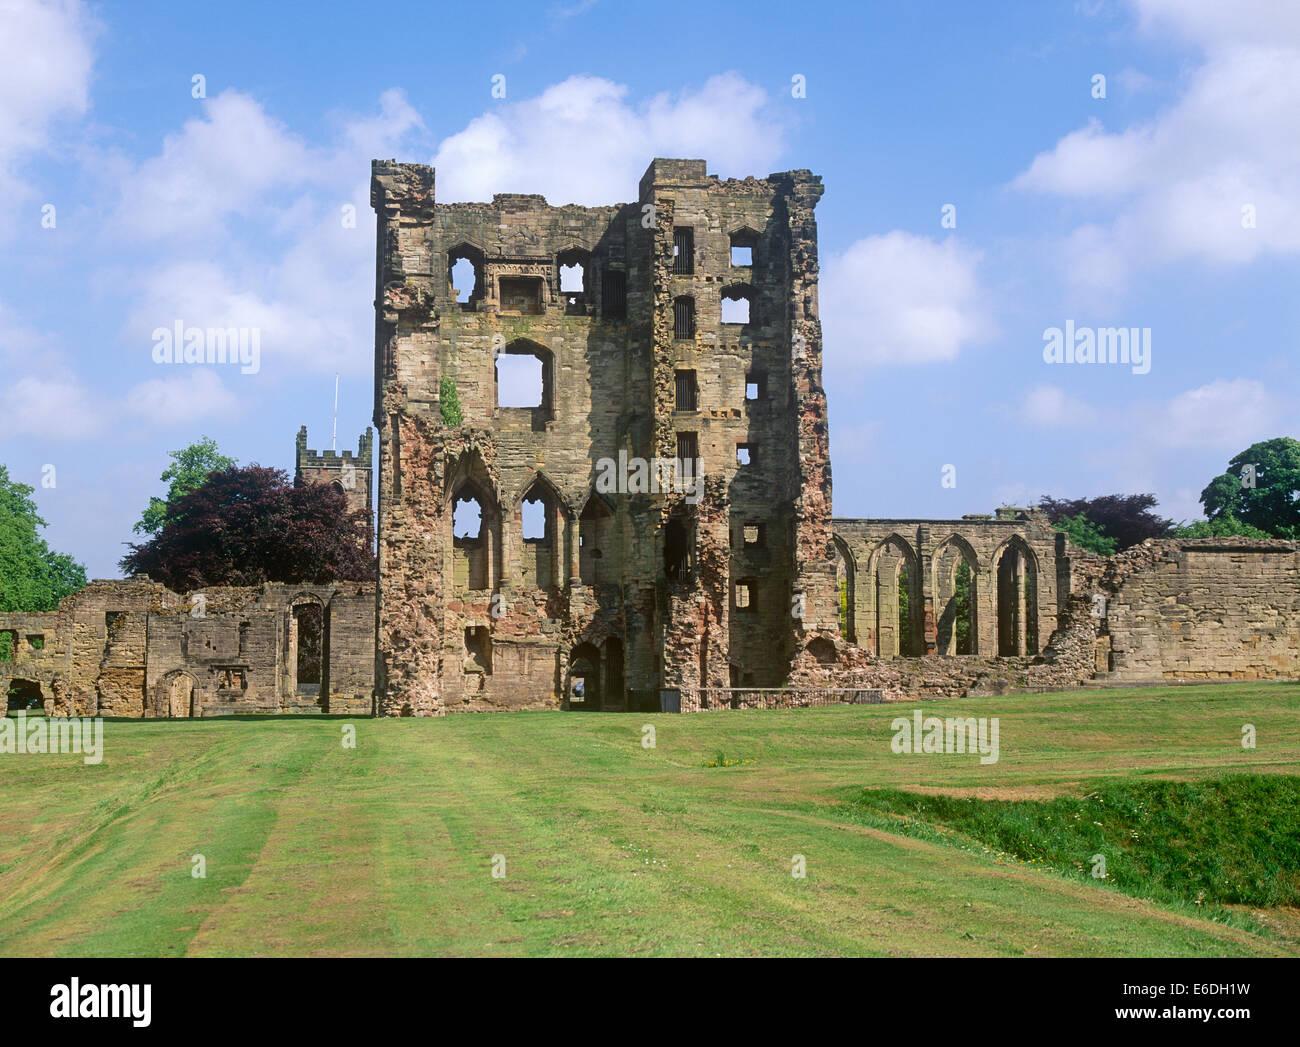 ruins castle ashby-de-la-zouch leicestershire uk - Stock Image